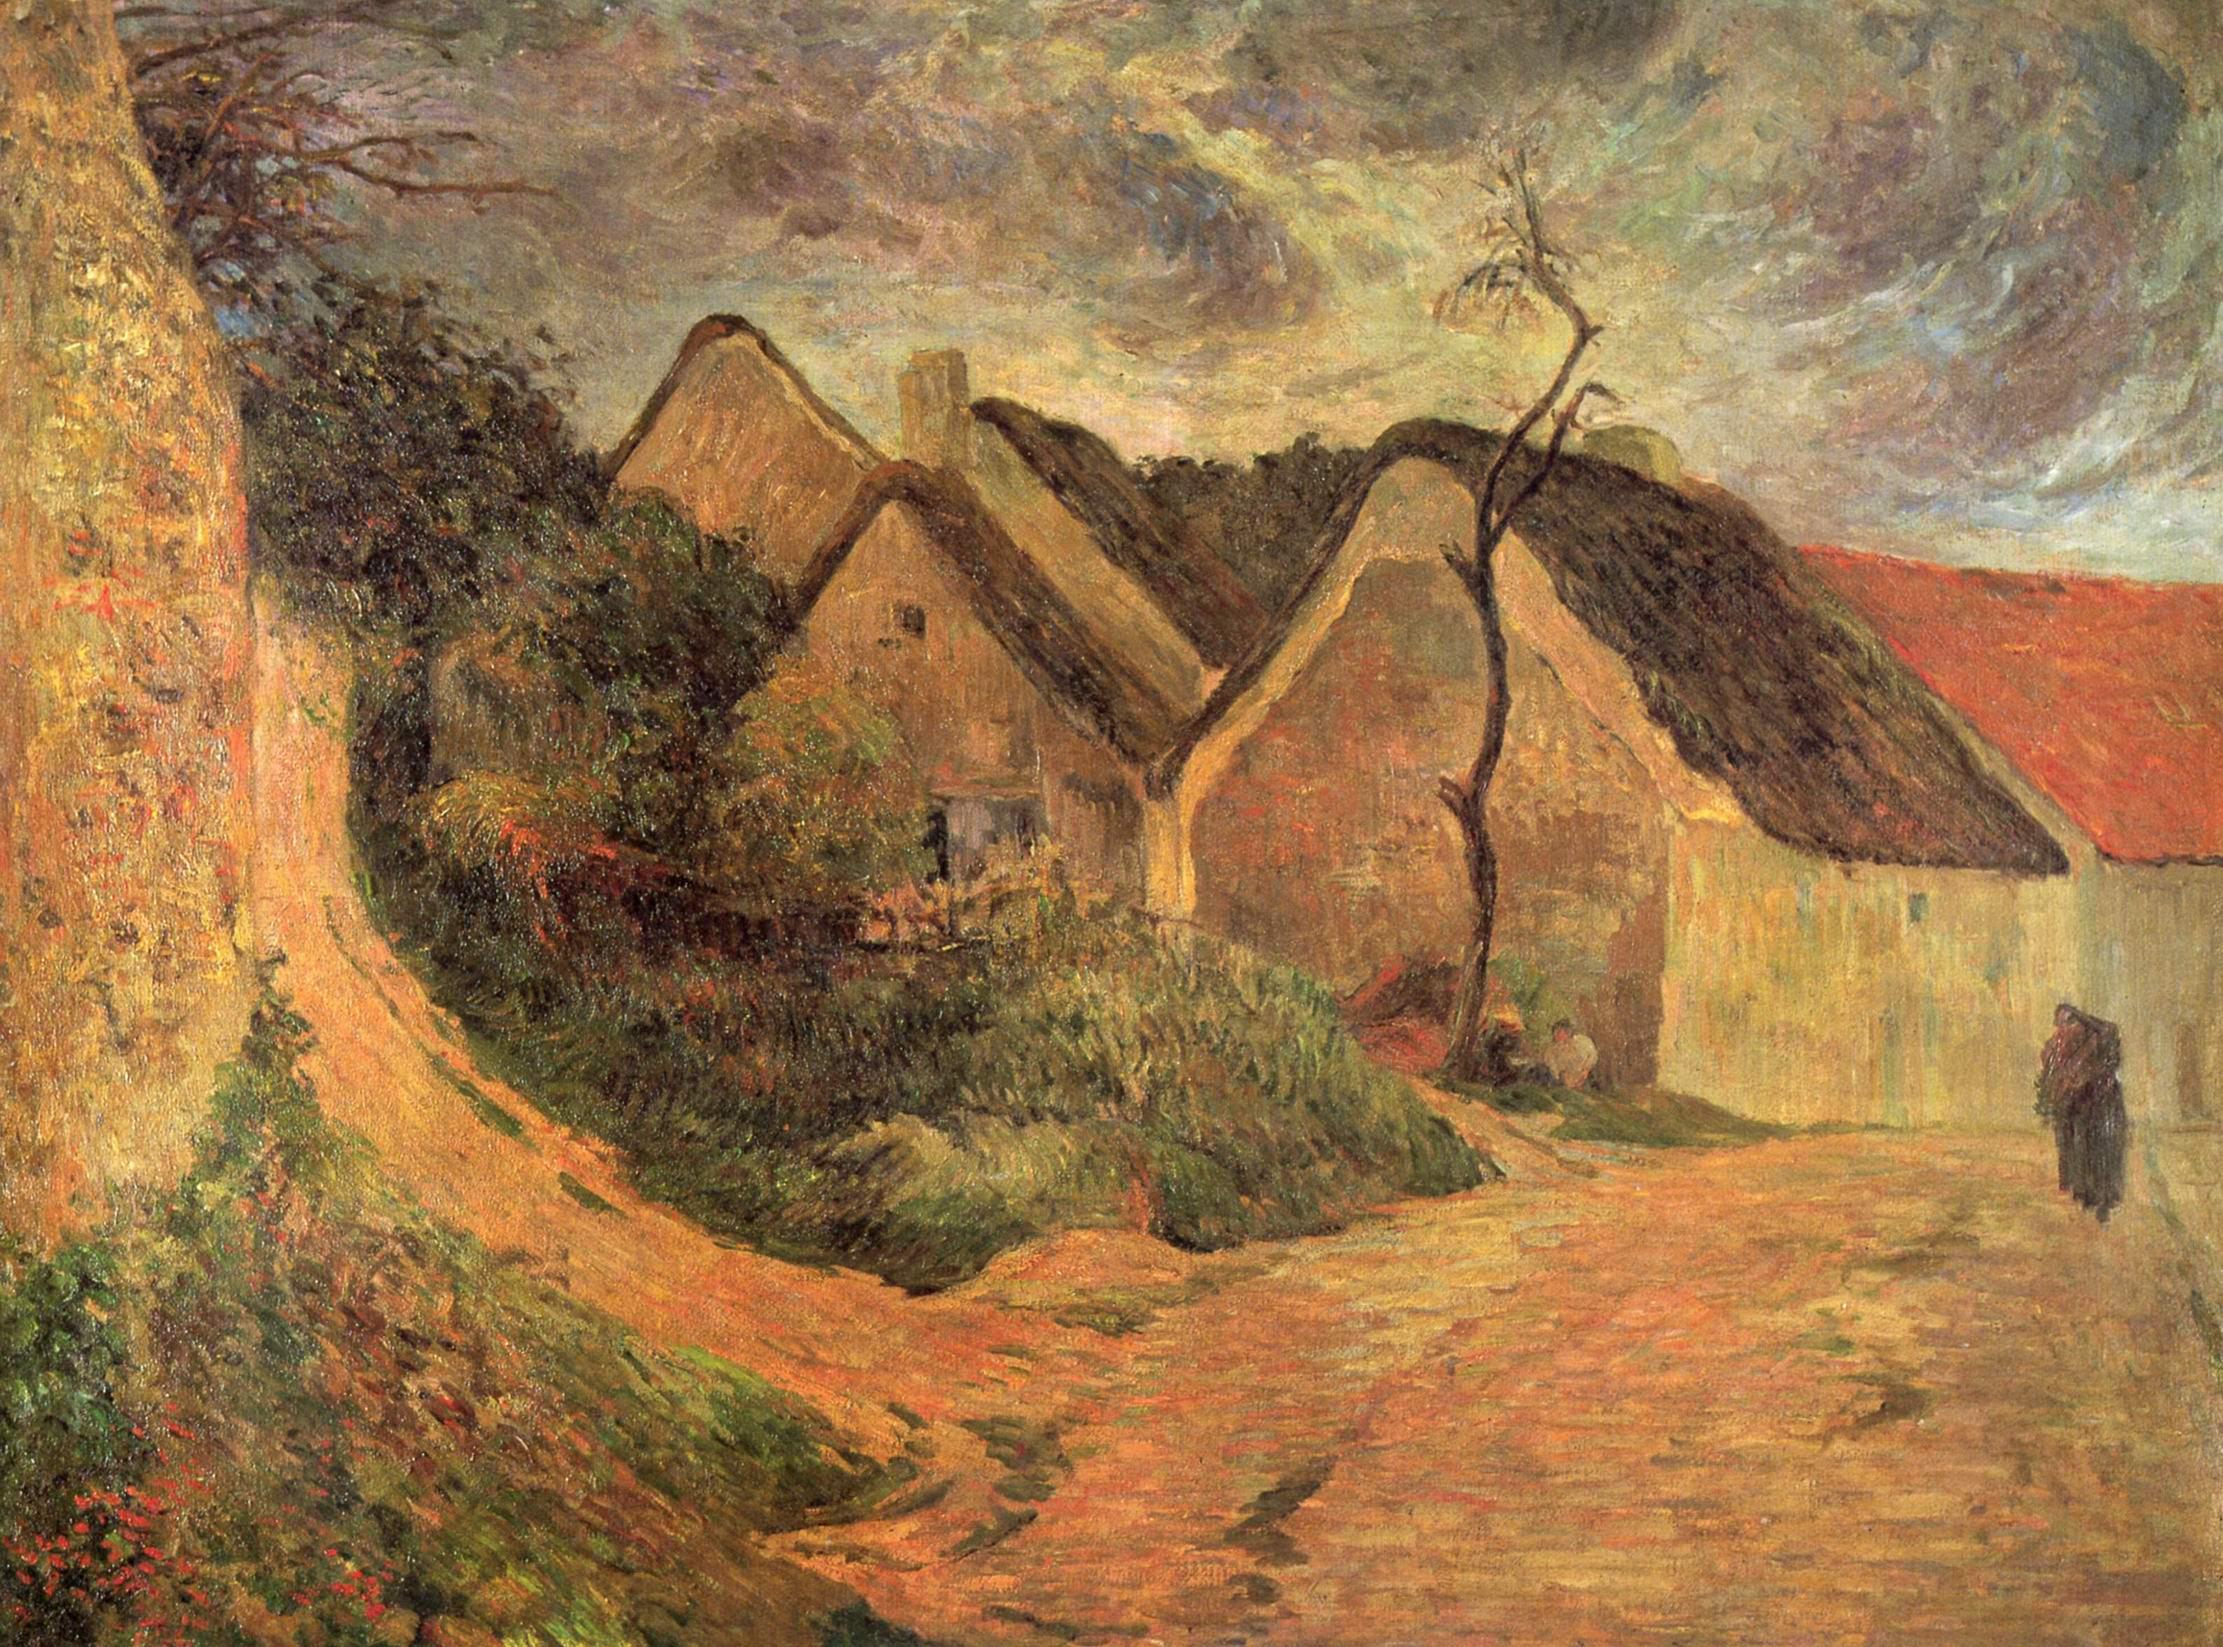 пейзаж < Крутая дорога в Осни >  :: Поль Гоген [ живопись постимпрессионизм ] - Гоген Поль ( Paul Gauguin ) фото